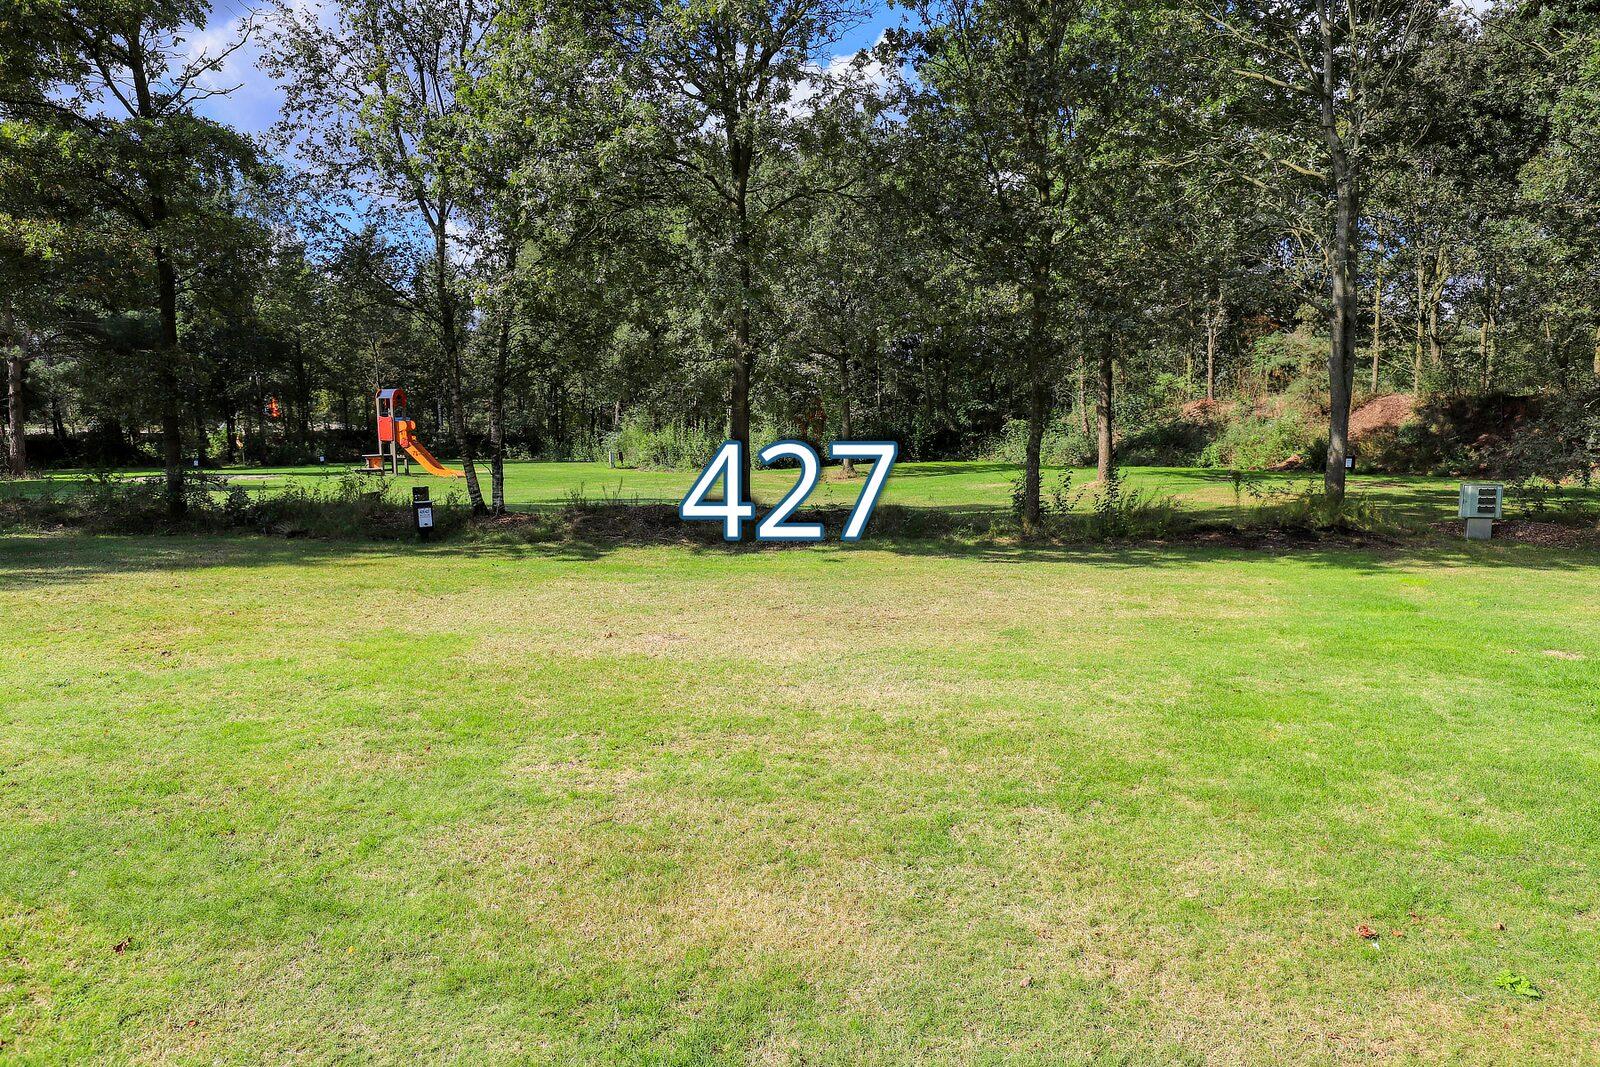 meemsveld 427